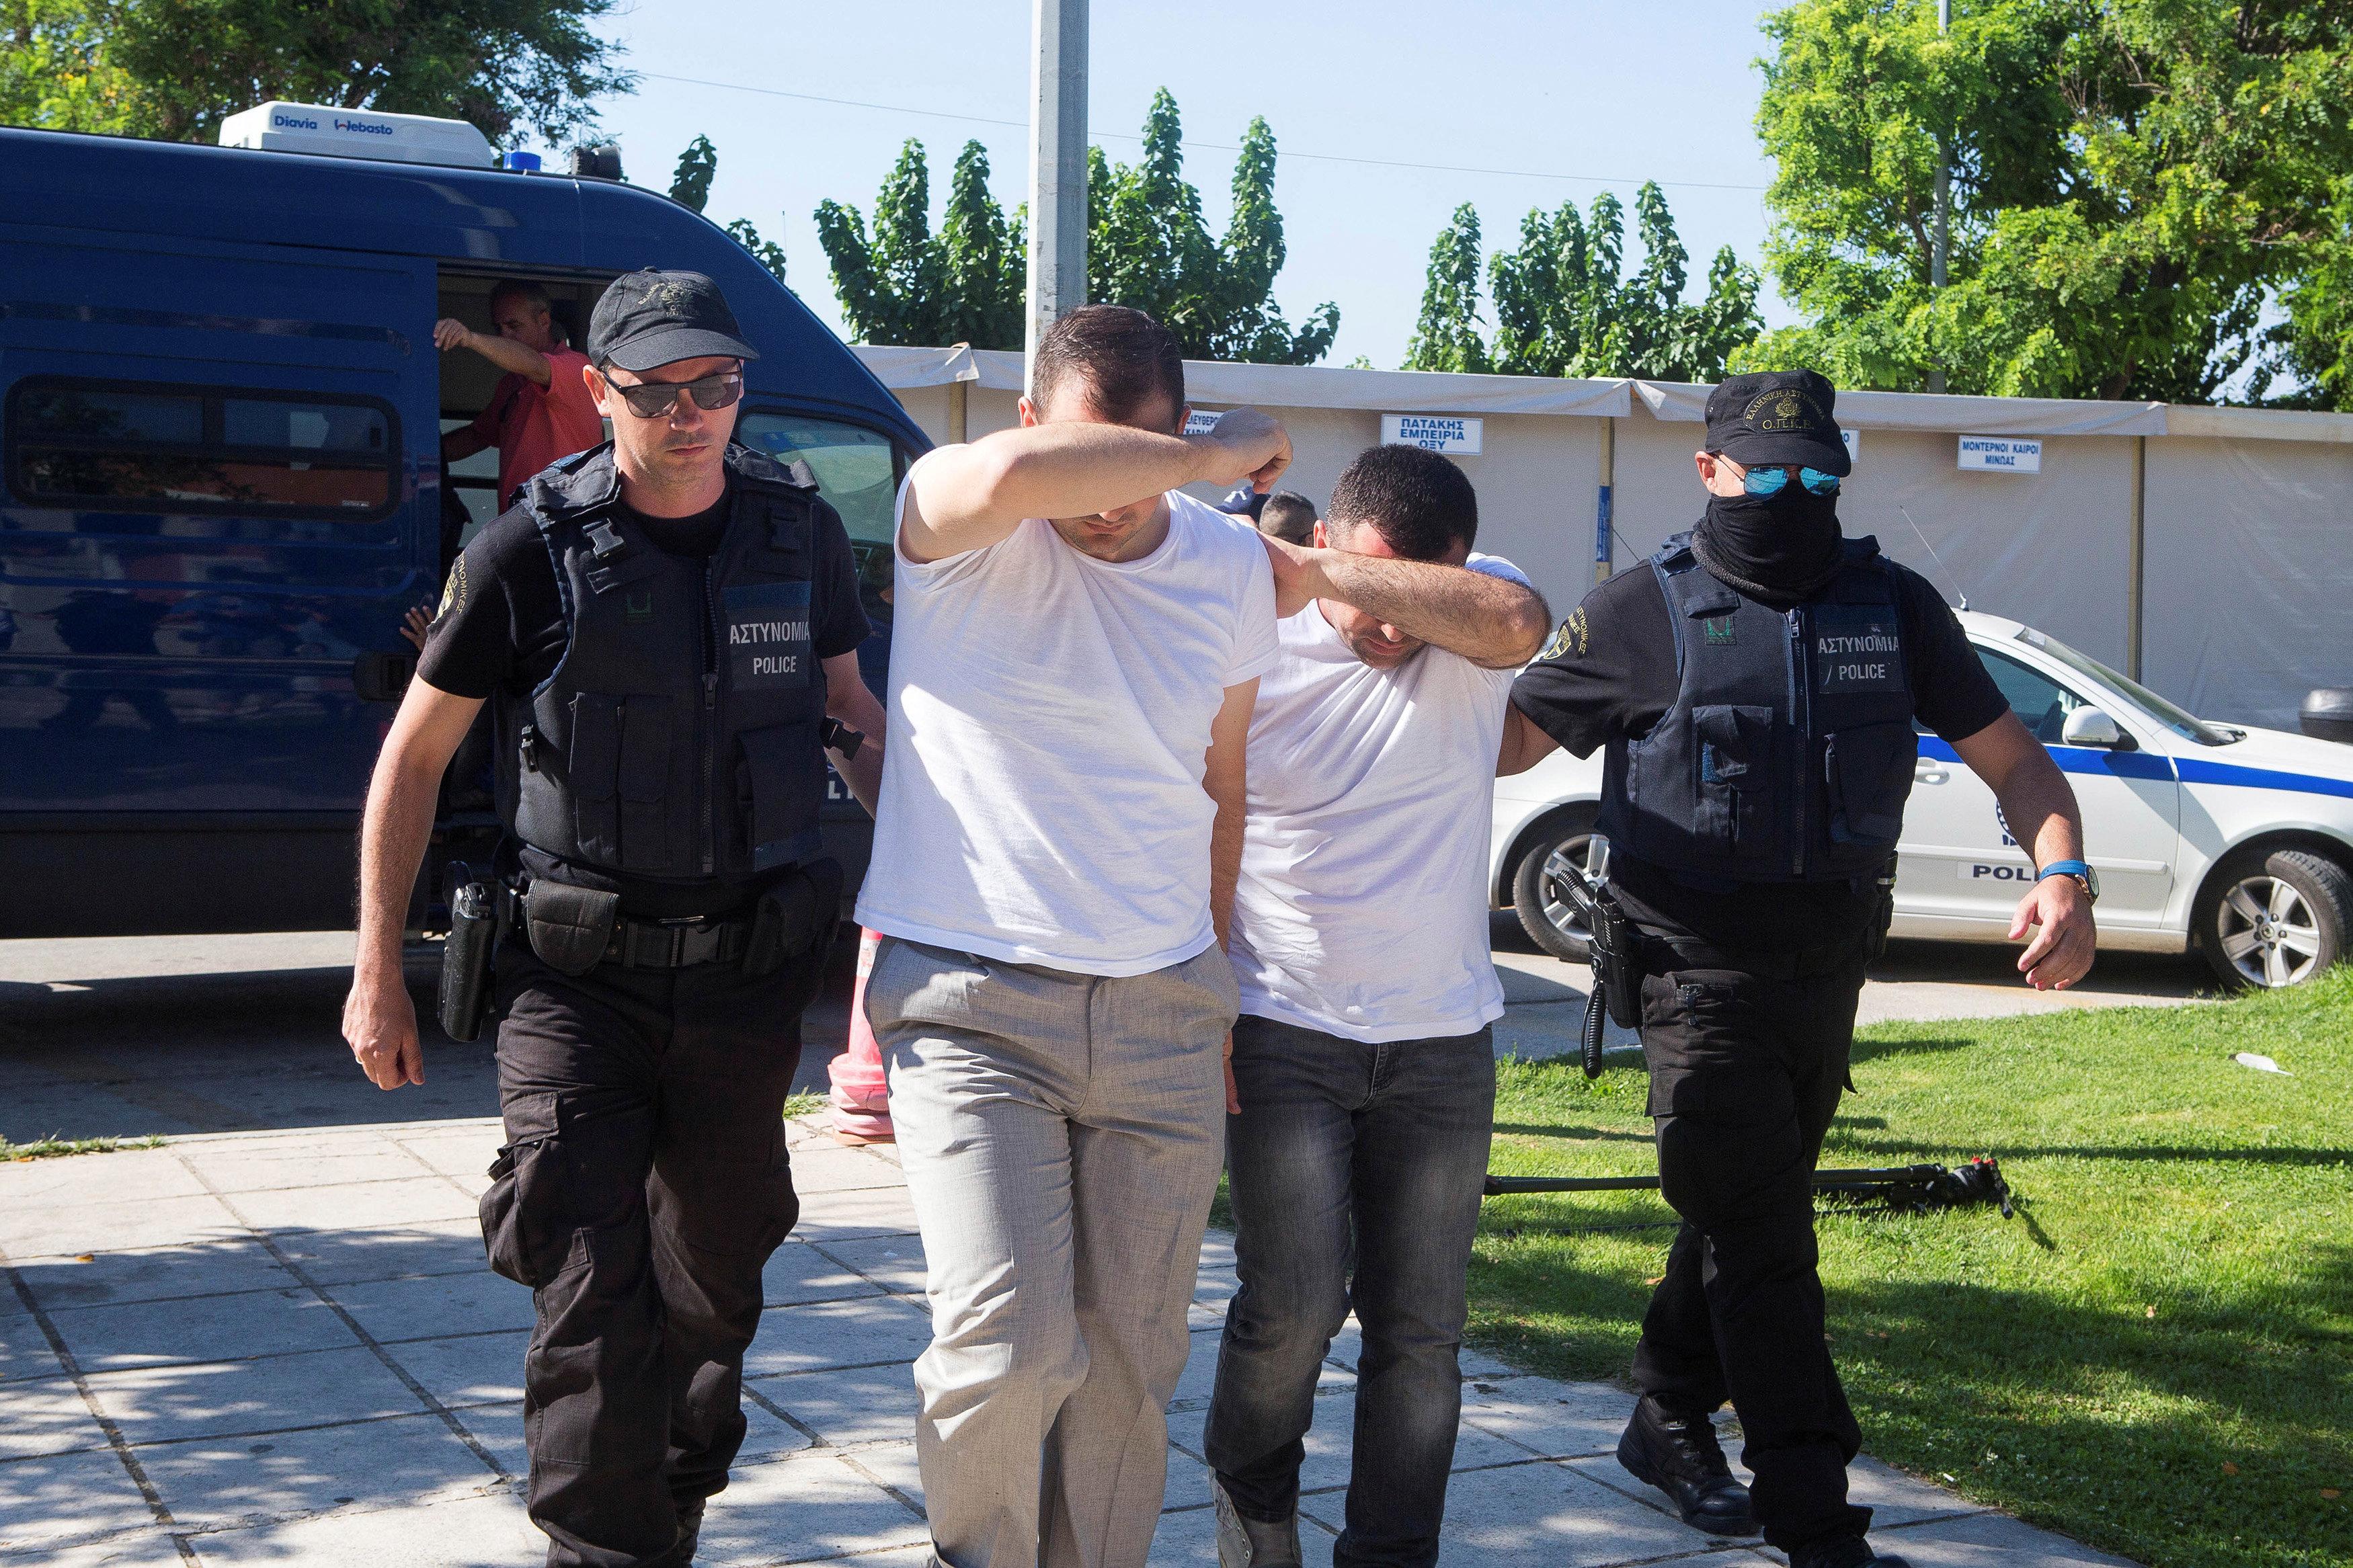 Ελεύθερος ο ένας από τους οκτώ τούρκους αξιωματικούς με απόφαση του